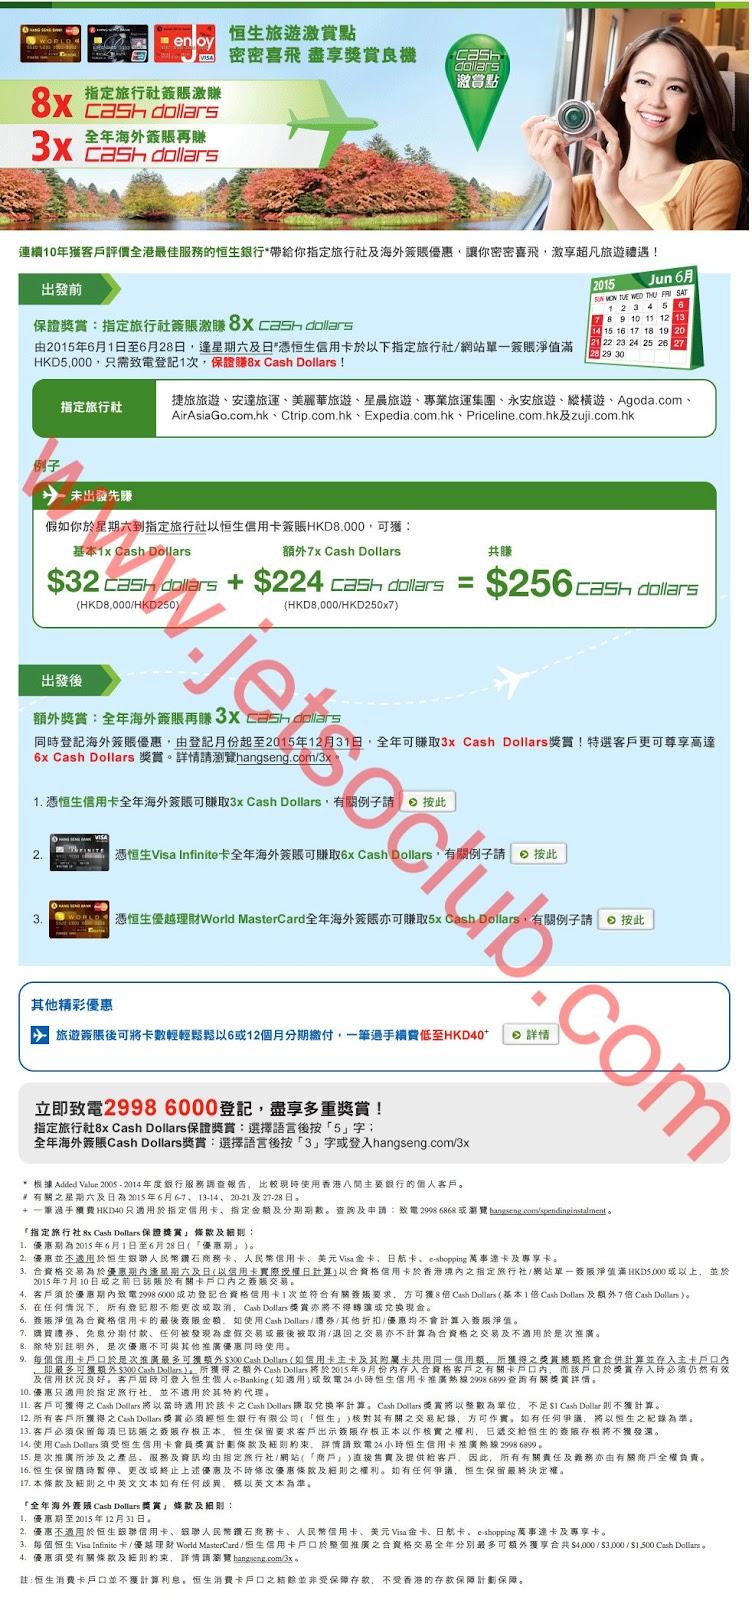 恆生信用卡:指定旅行社簽帳 激賺8x Cash Dollars(至28/6) ( Jetso Club 著數俱樂部 )